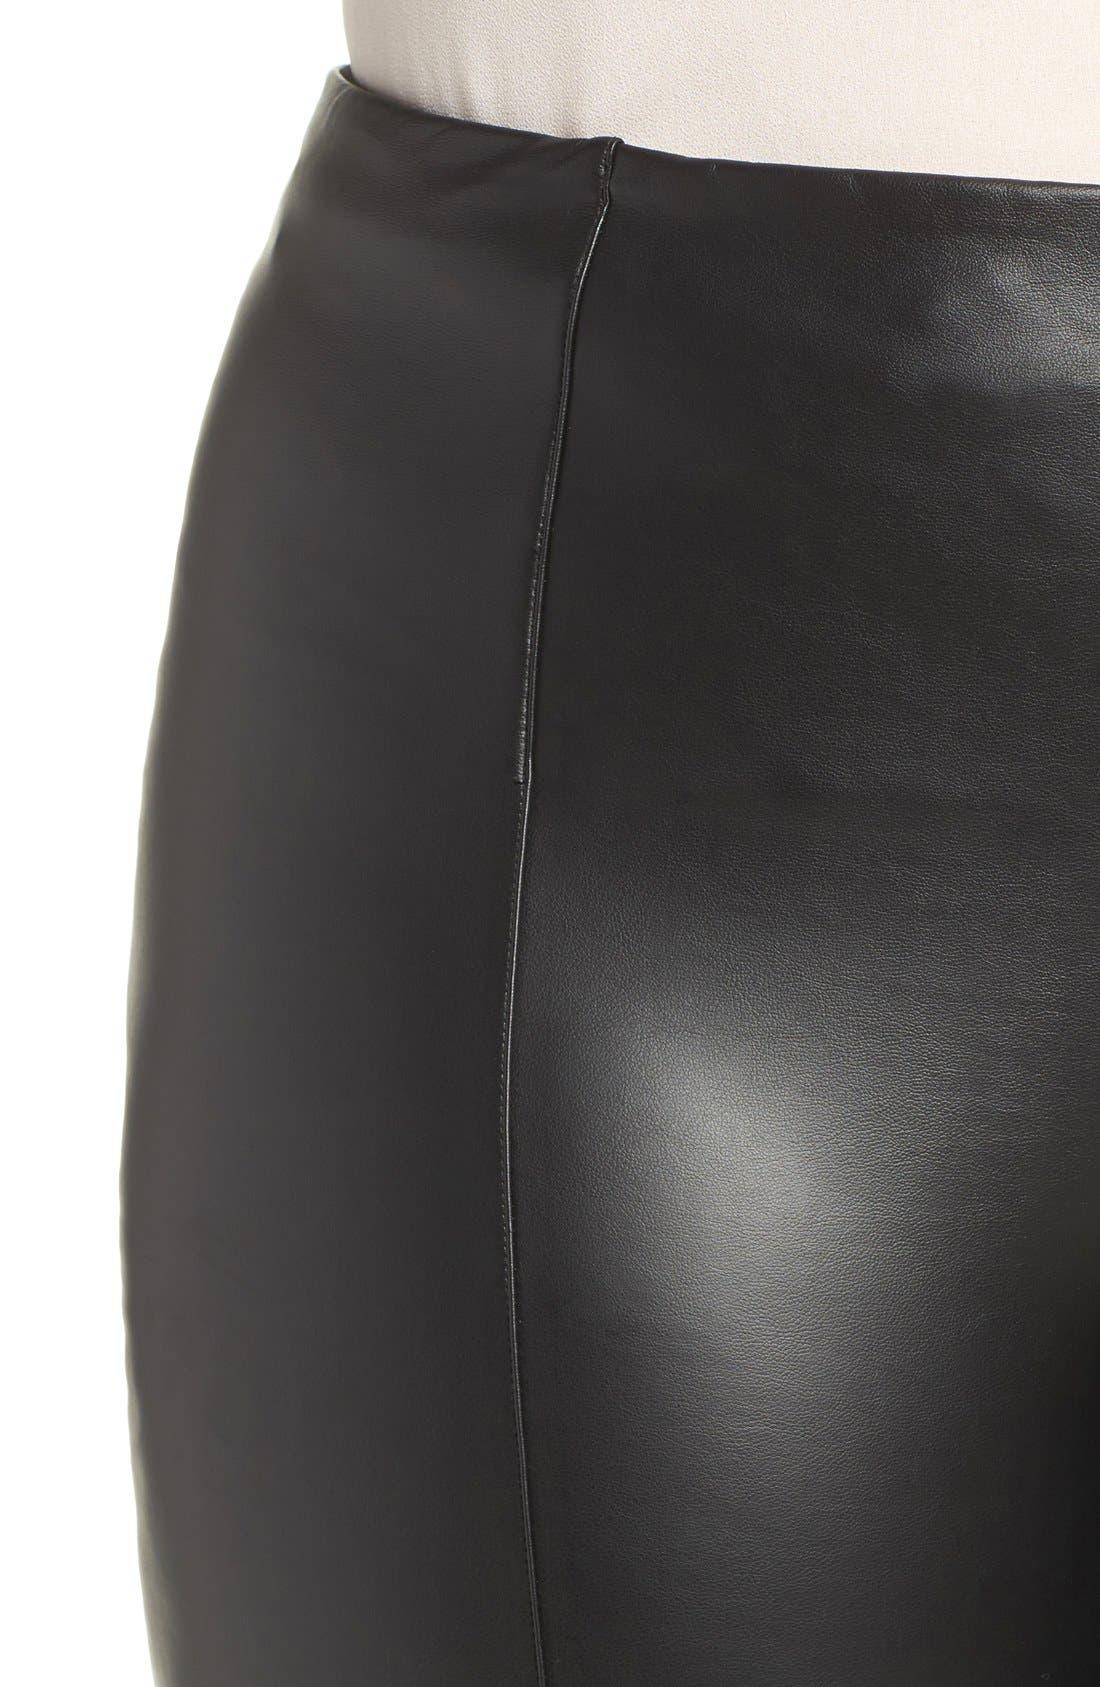 Alternate Image 4  - Lyssé High Waist Faux Leather Leggings (Plus Size)